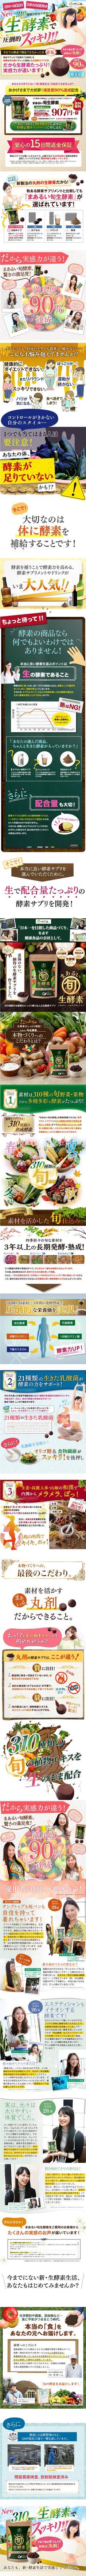 まあるい旬生酵素【健康・美容食品関連】のLPデザイン。WEBデザイナーさん必見!ランディングページのデザイン参考に(信頼・安心系)